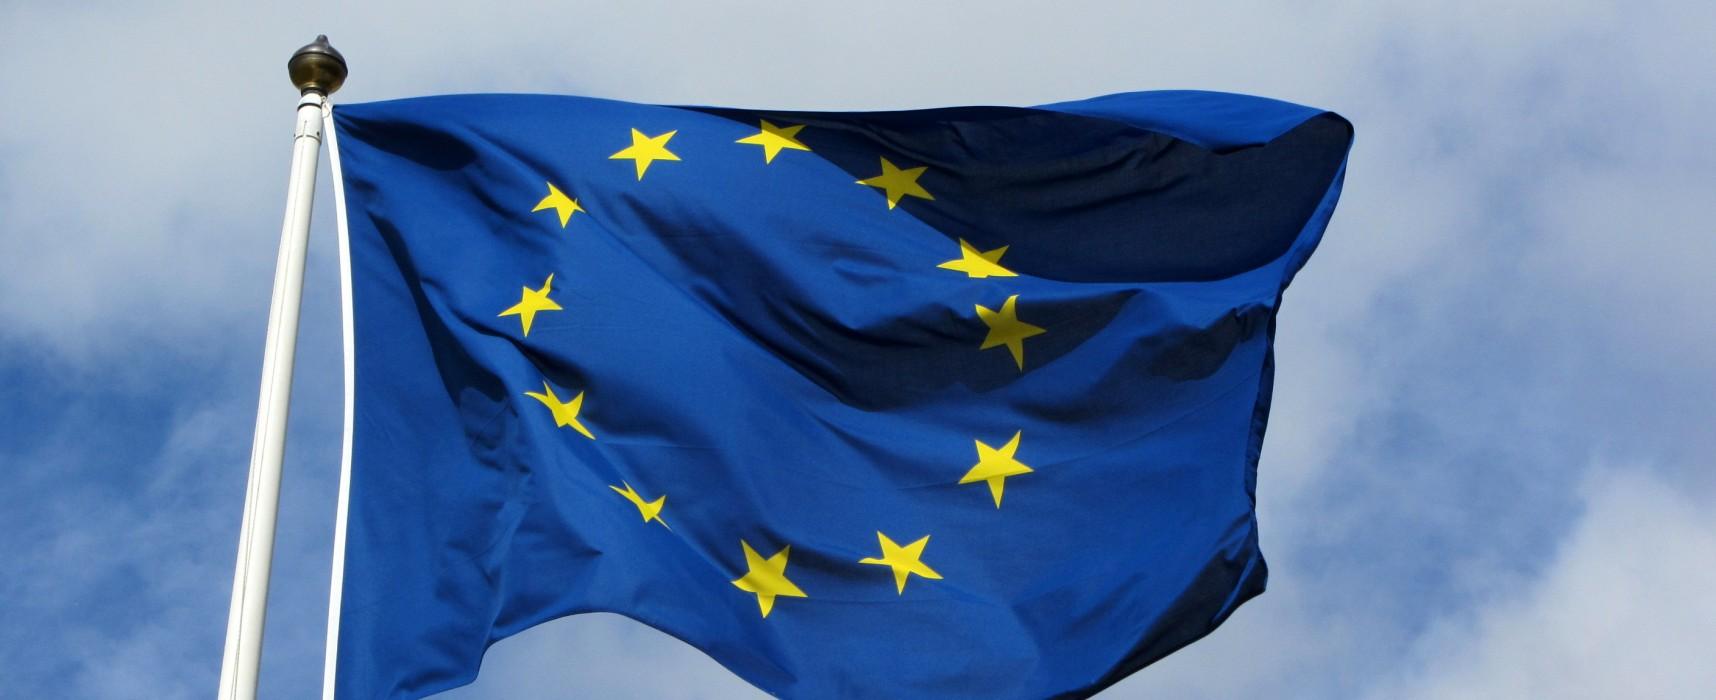 Опровержение распространенных мифов про партнерство между ЕС и Украиной